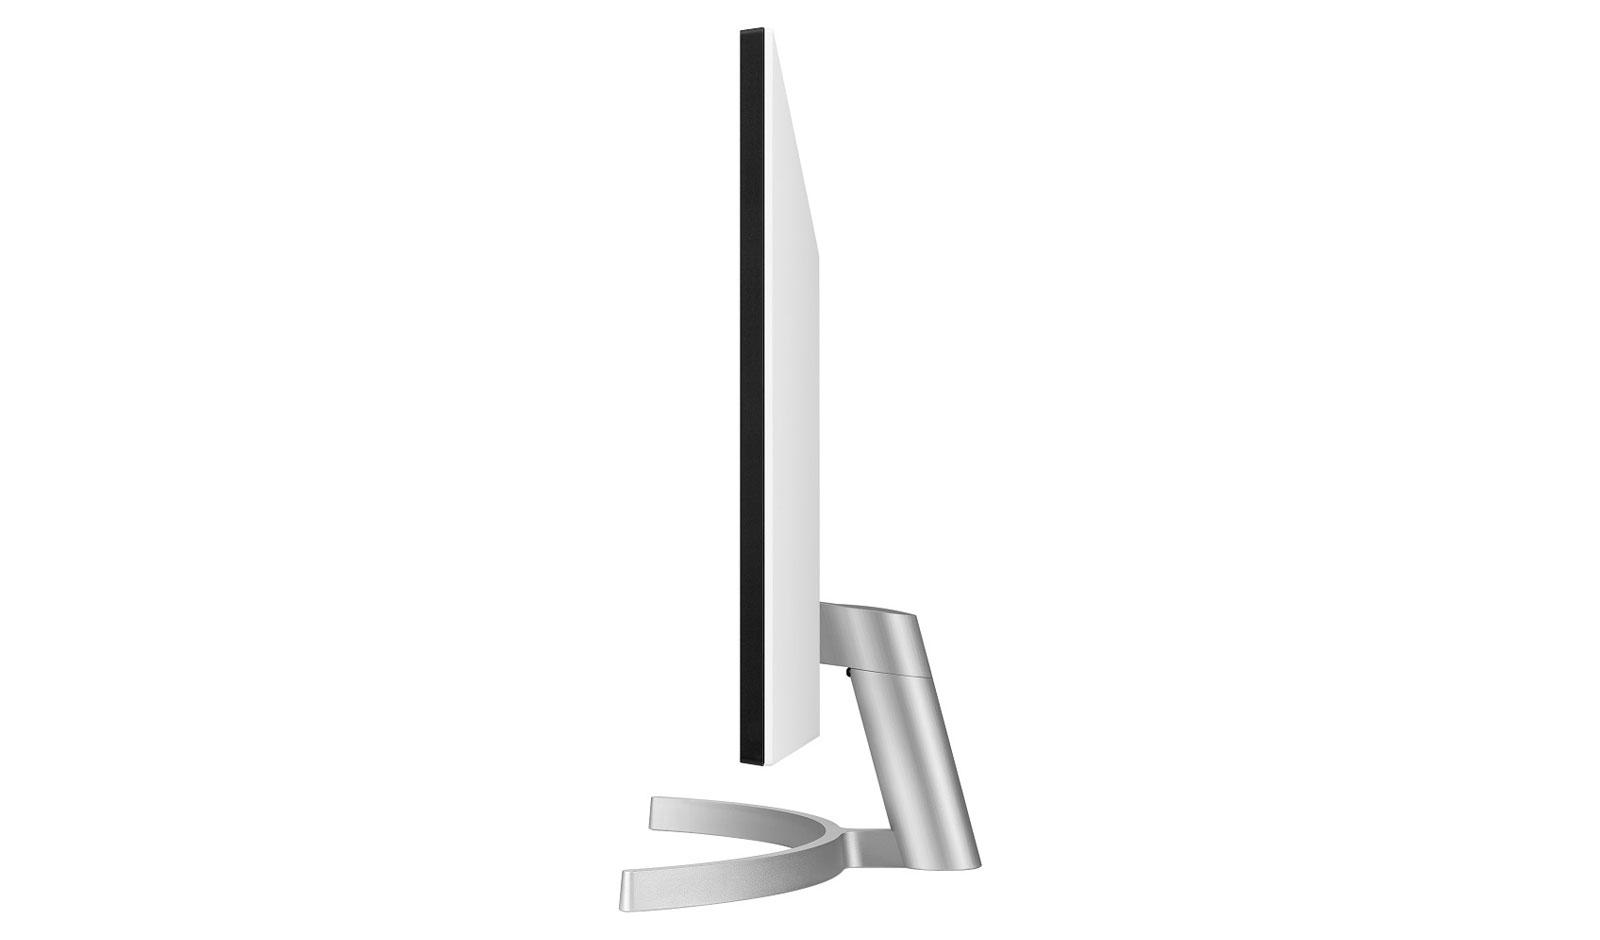 מסך מחשב 27 אינטש 4K מקצועי LG 27UL500-W אל ג'י - תמונה 6